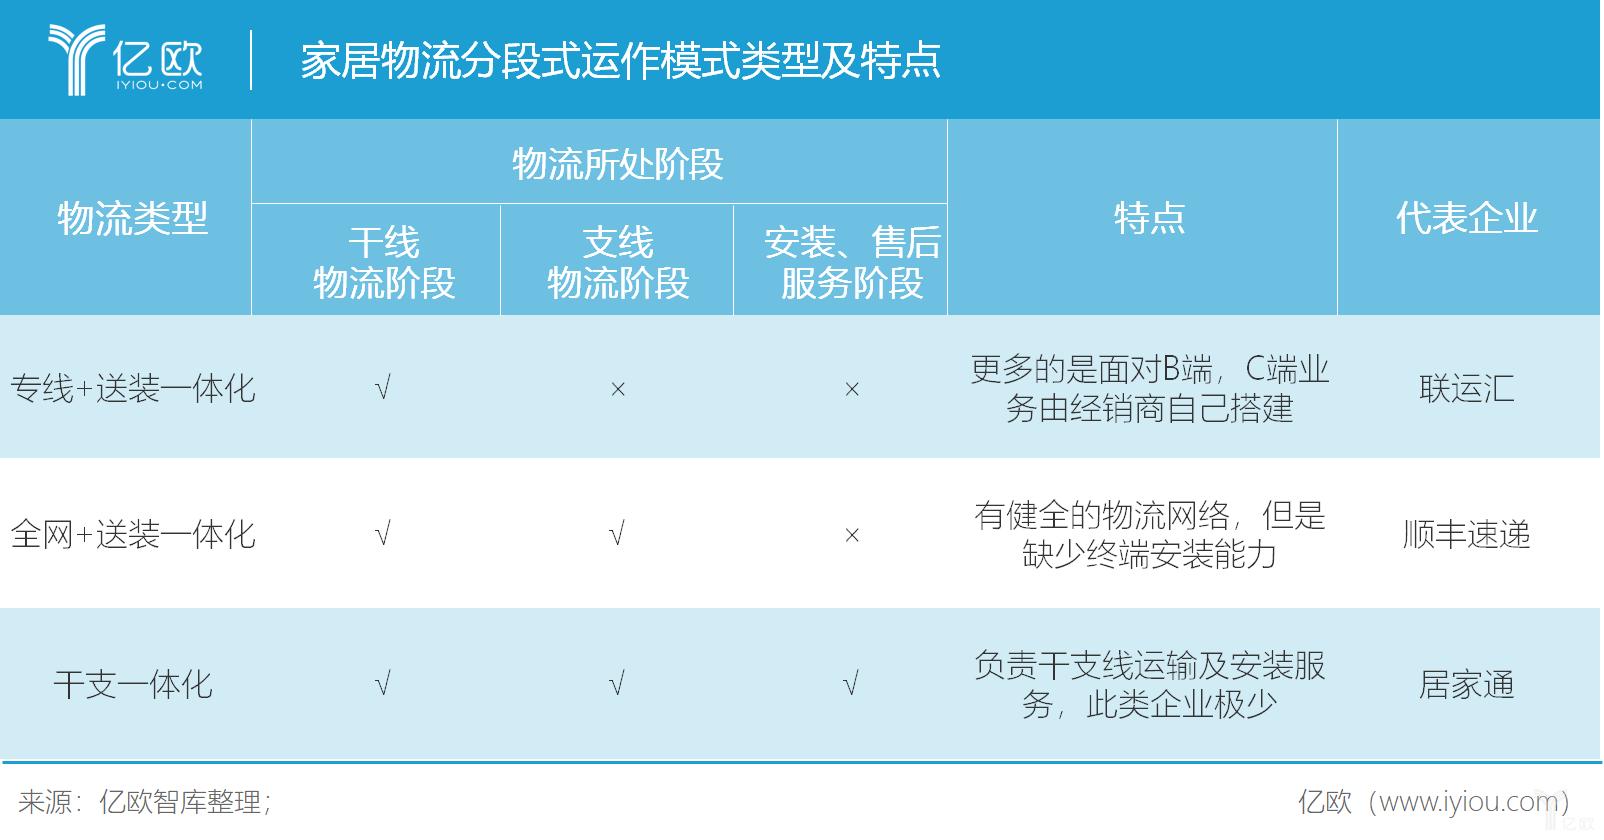 亿欧智库:家居物流分段式运作模式类型及特点.png